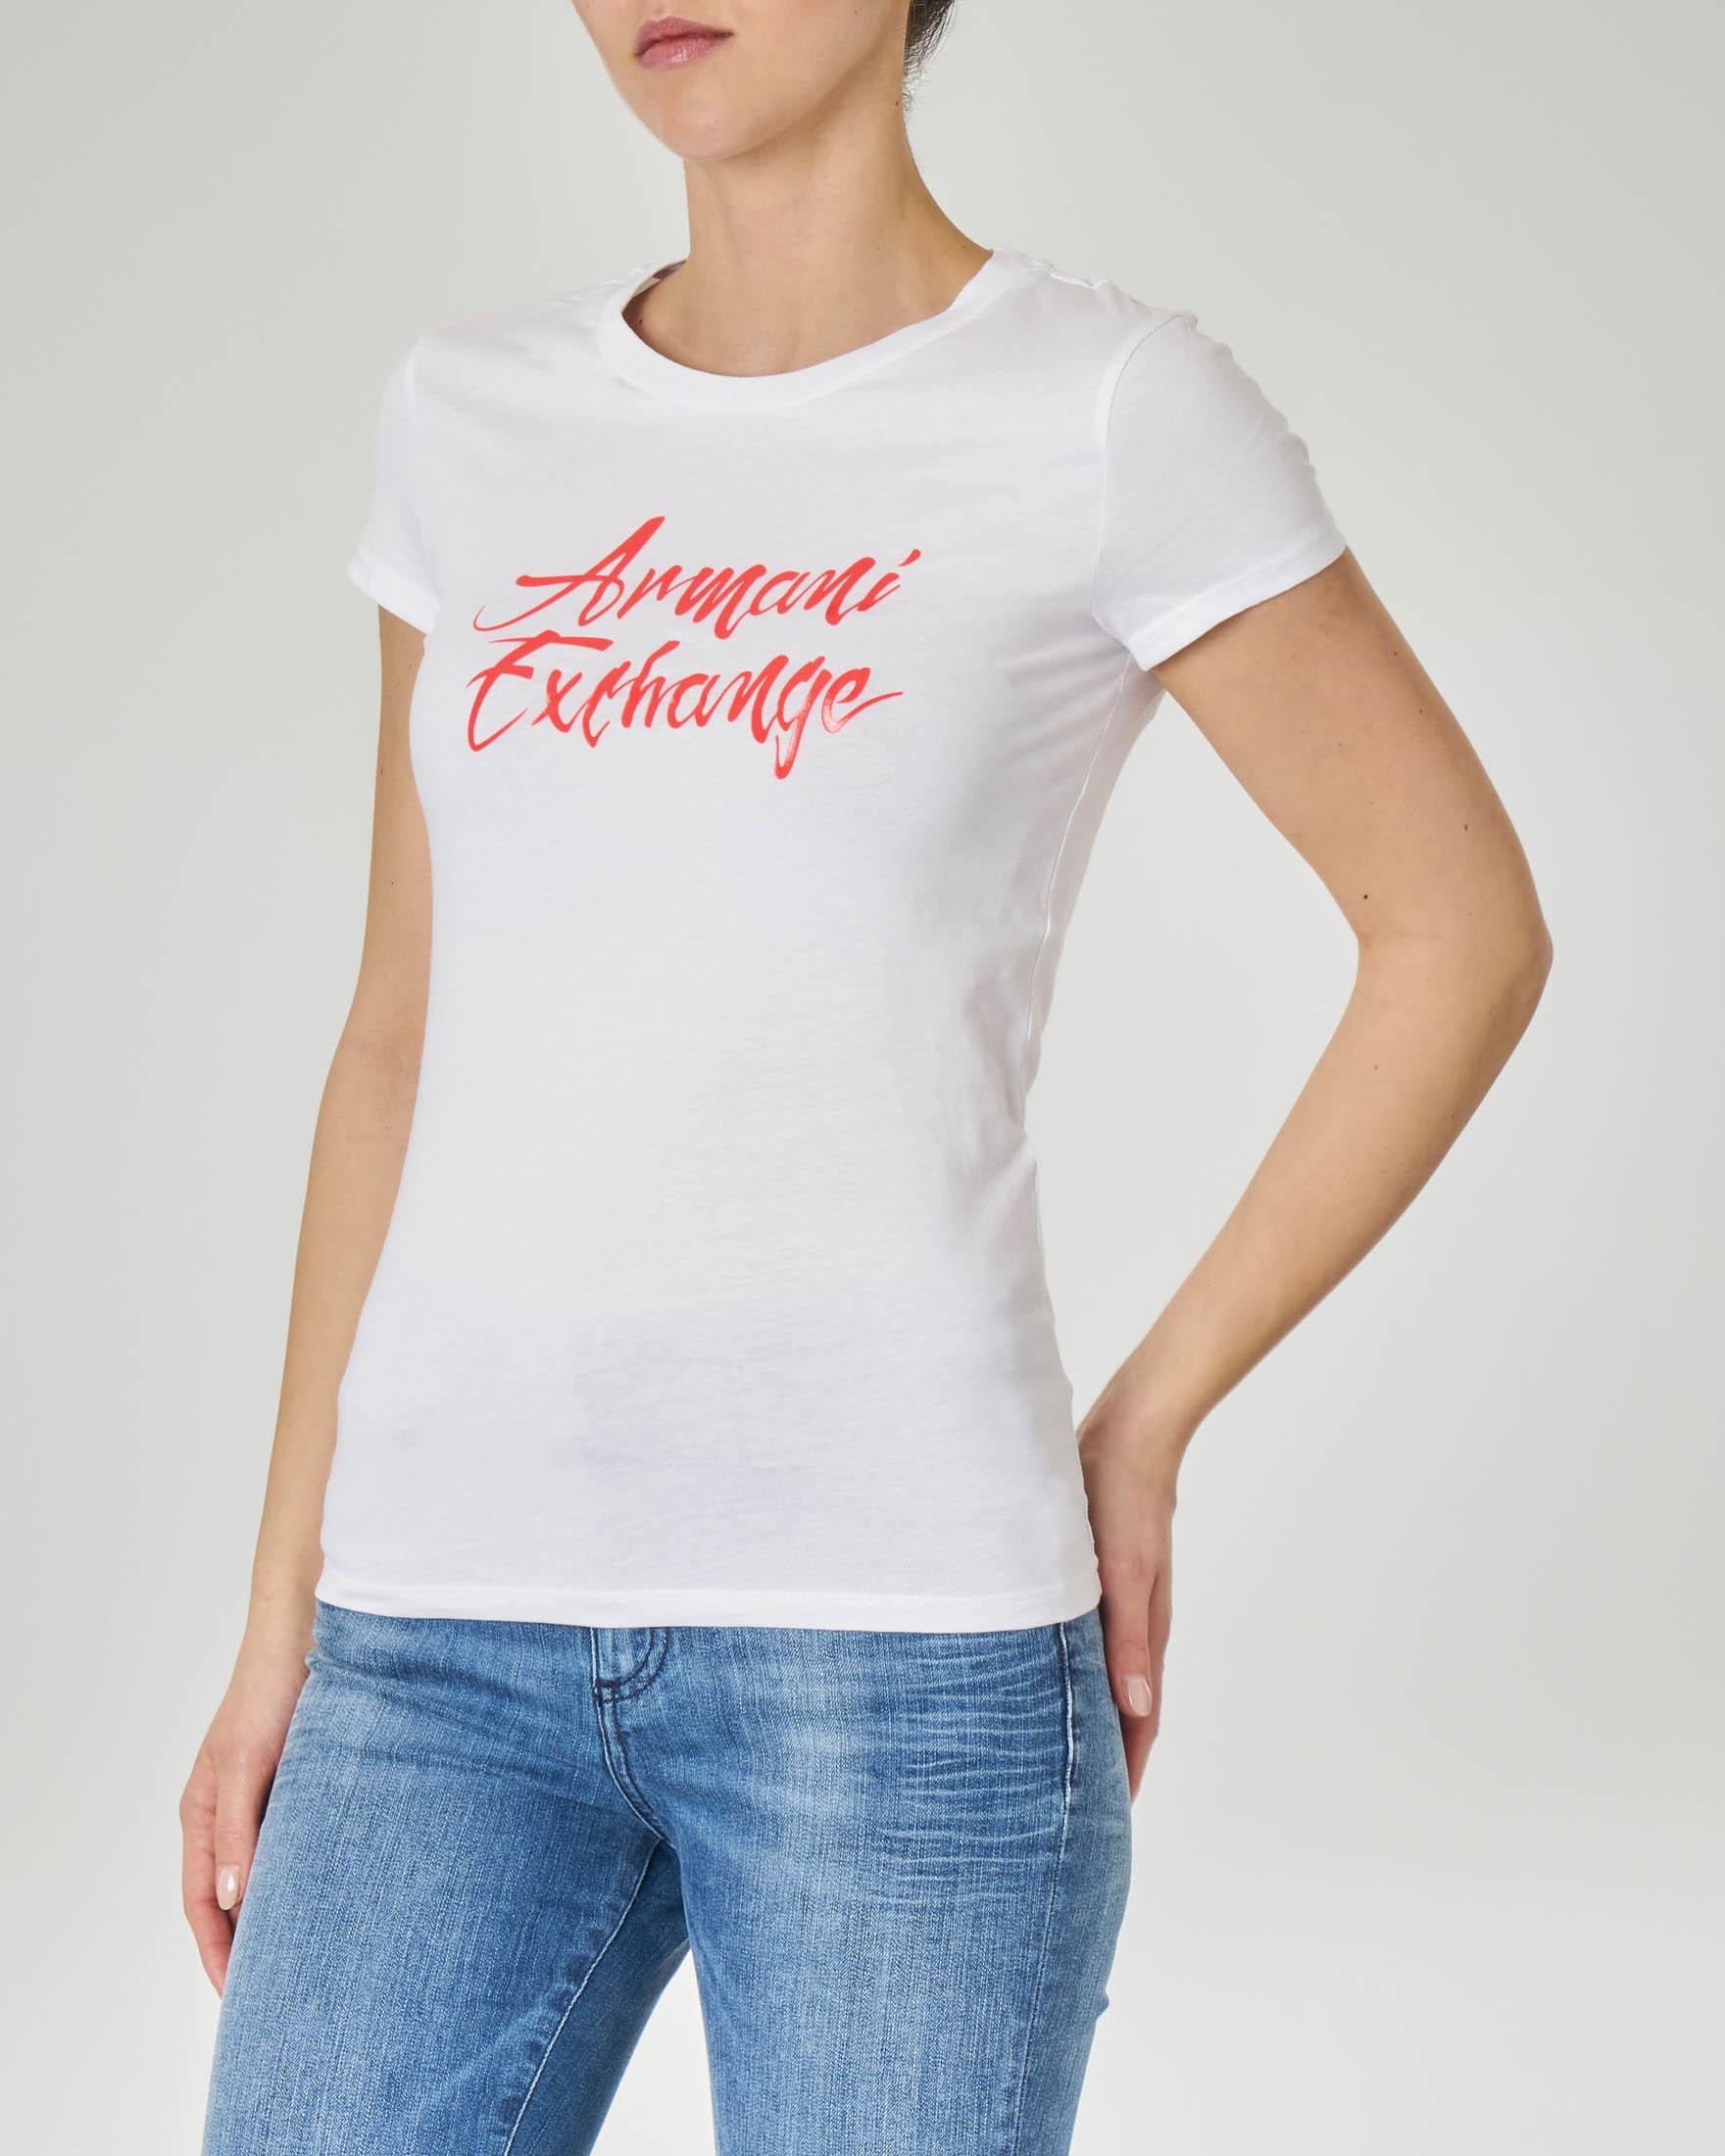 T-shirt bianca in cotone con scritta logo corallo effetto semi-lucido